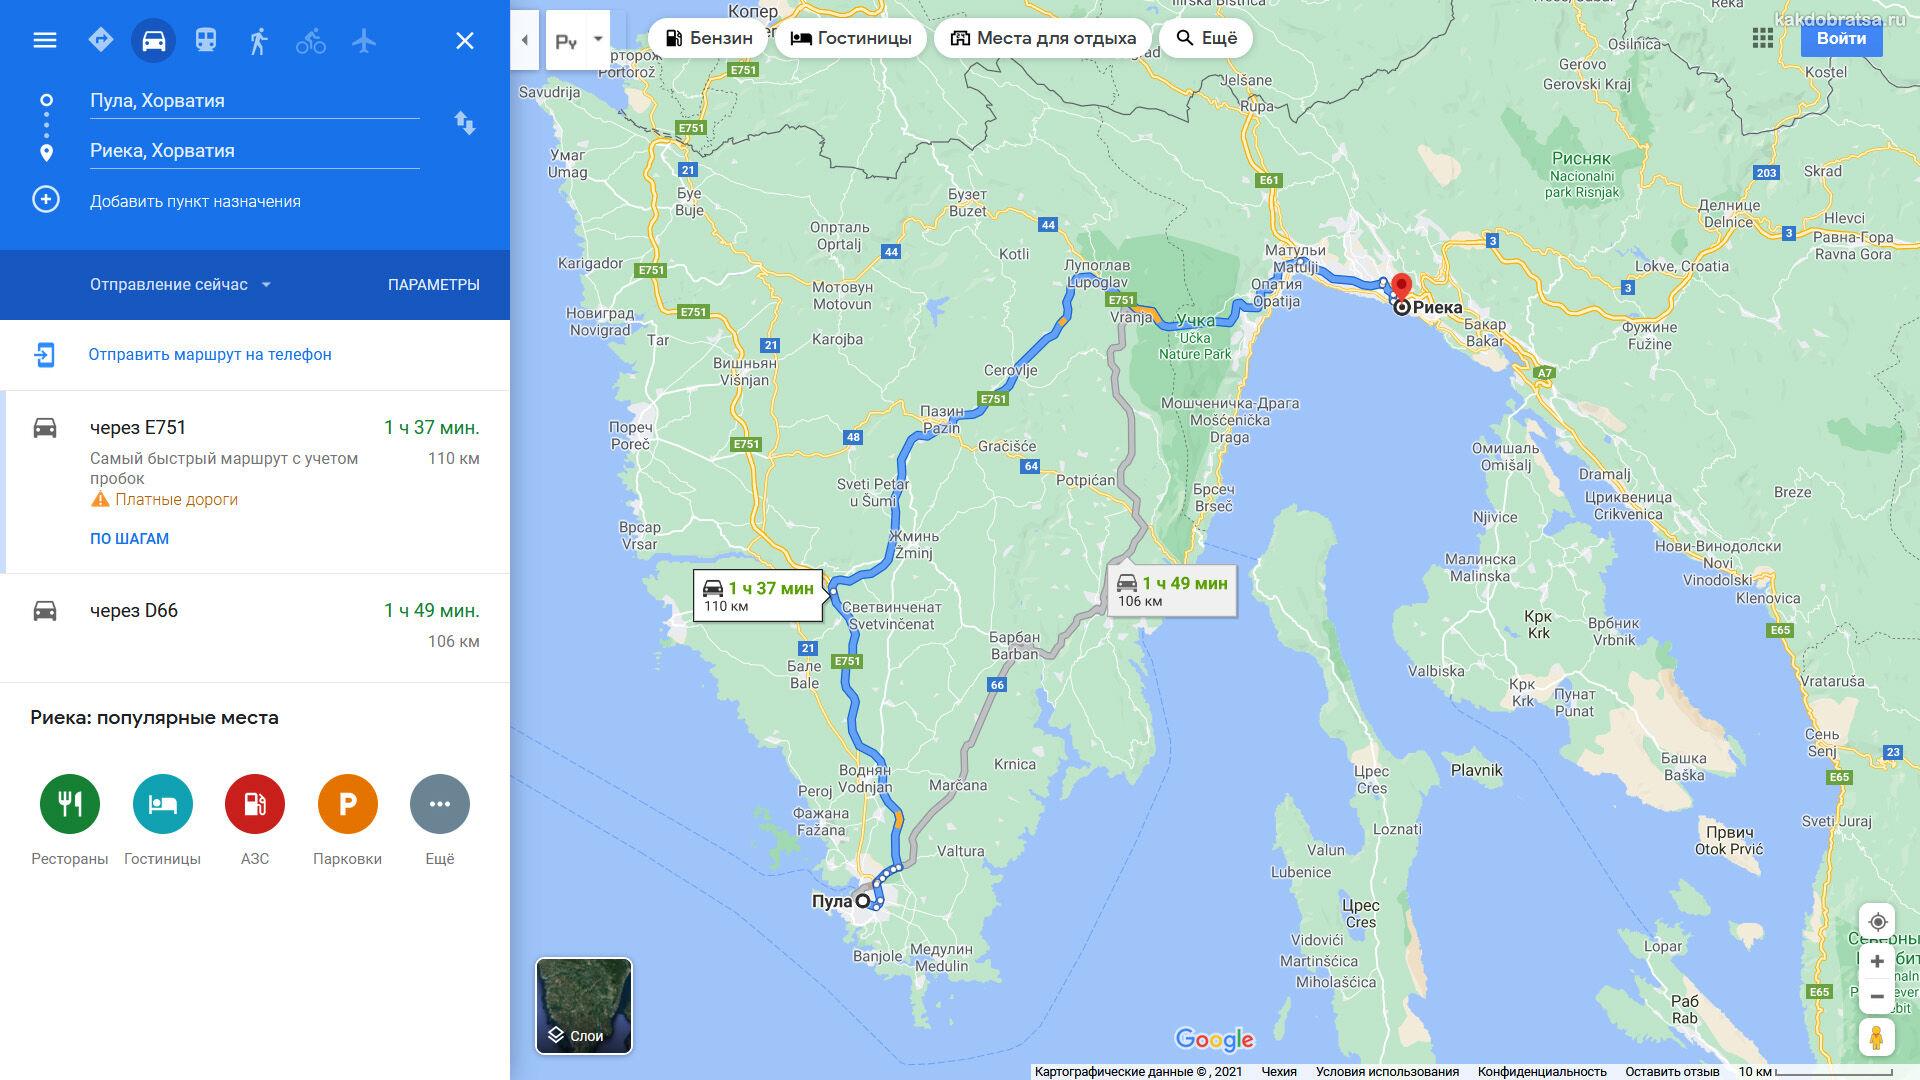 Расстояние между Пулой и Риекой по карте